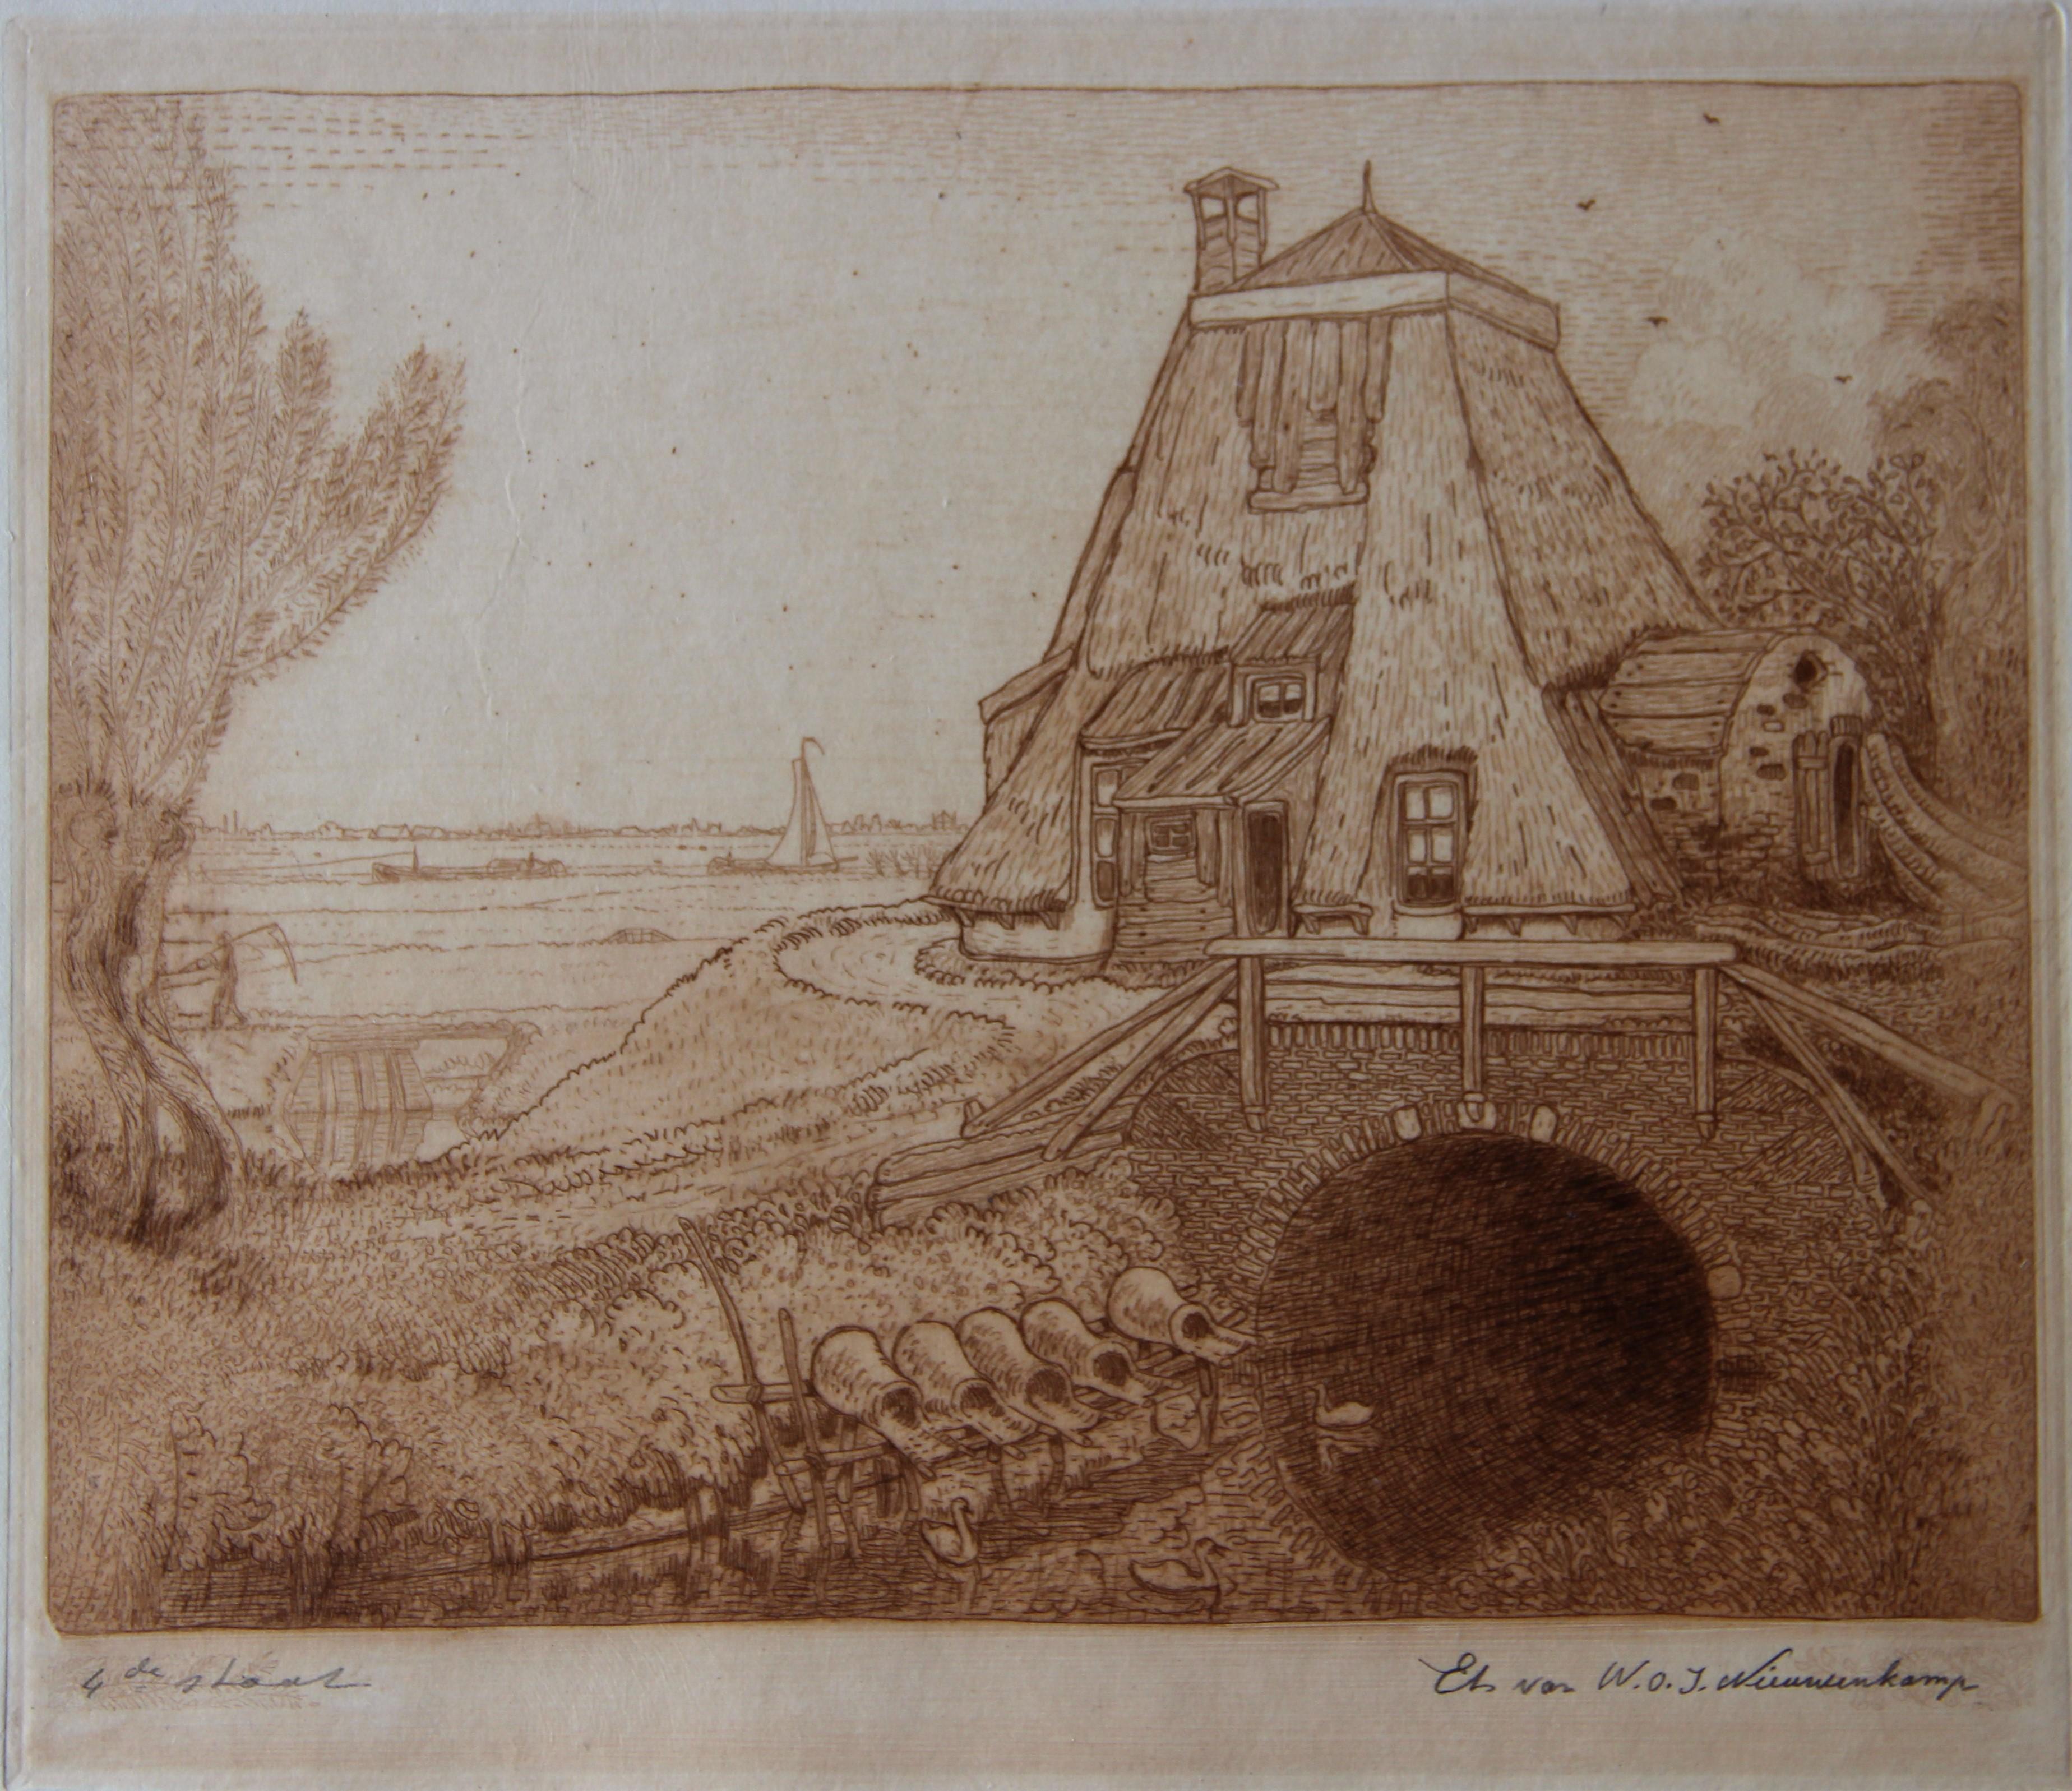 Eendennesten bij een afgeknotte molen- W.O.J. Nieuwenkamp